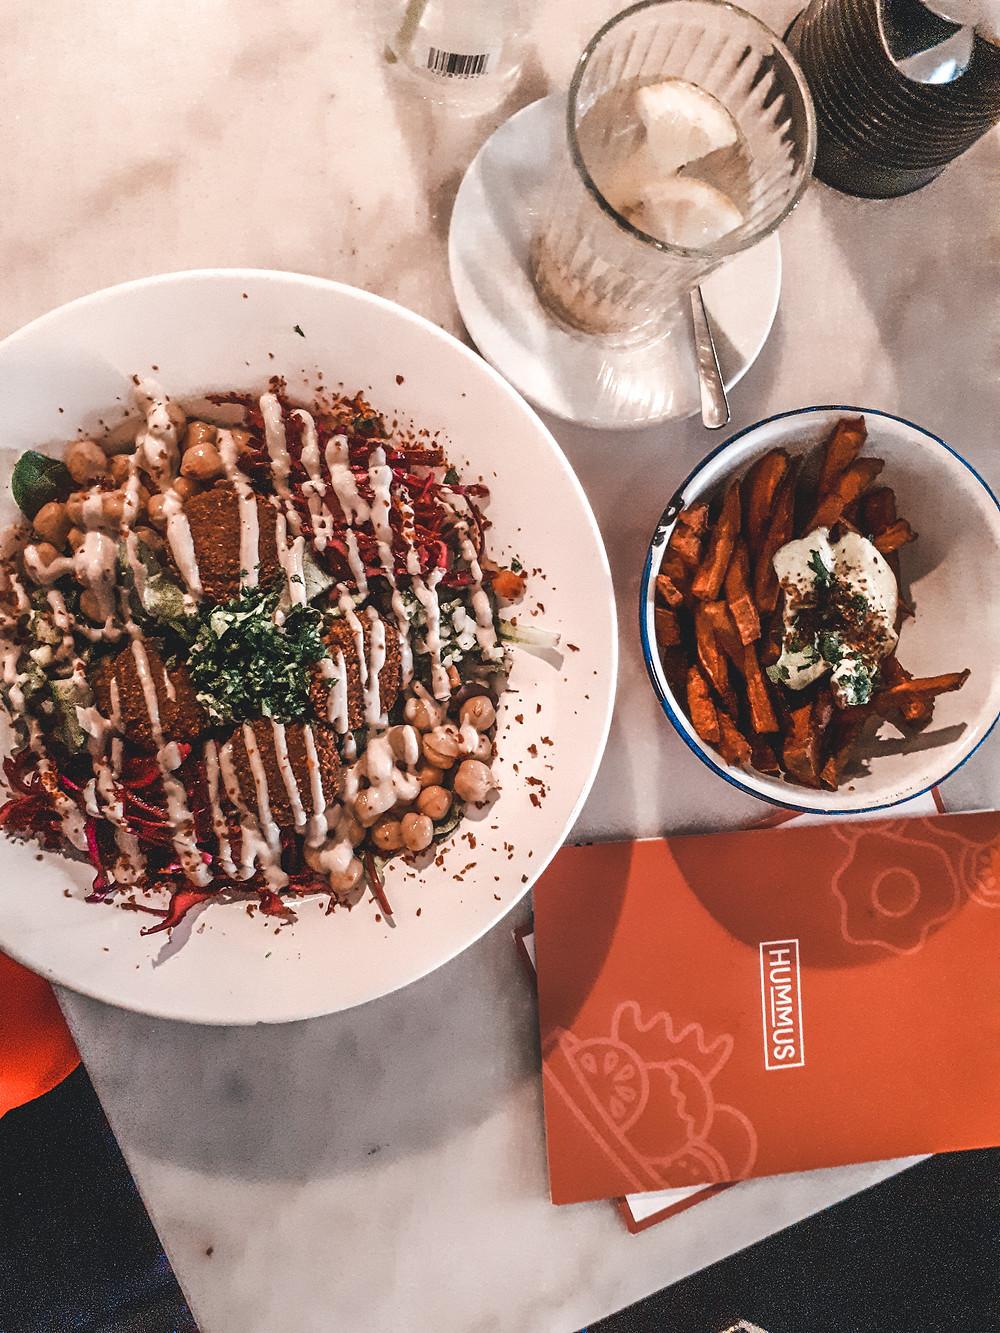 Vegan heaven at Hummus in Den Haag